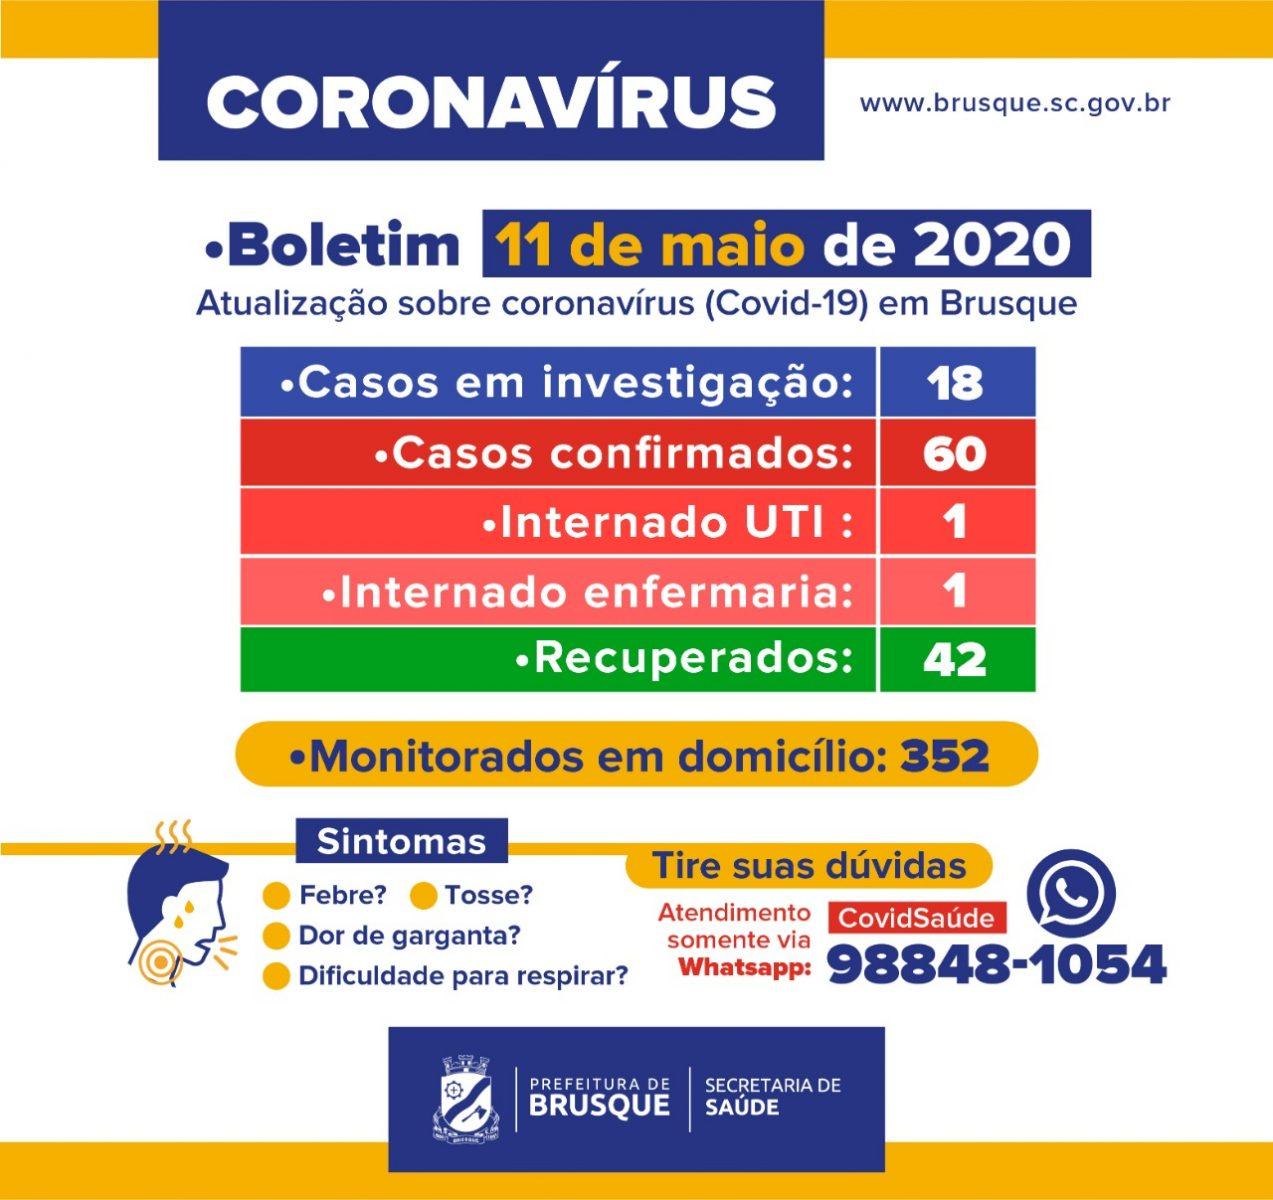 Brusque tem 60 casos confirmados do novo coronavírus